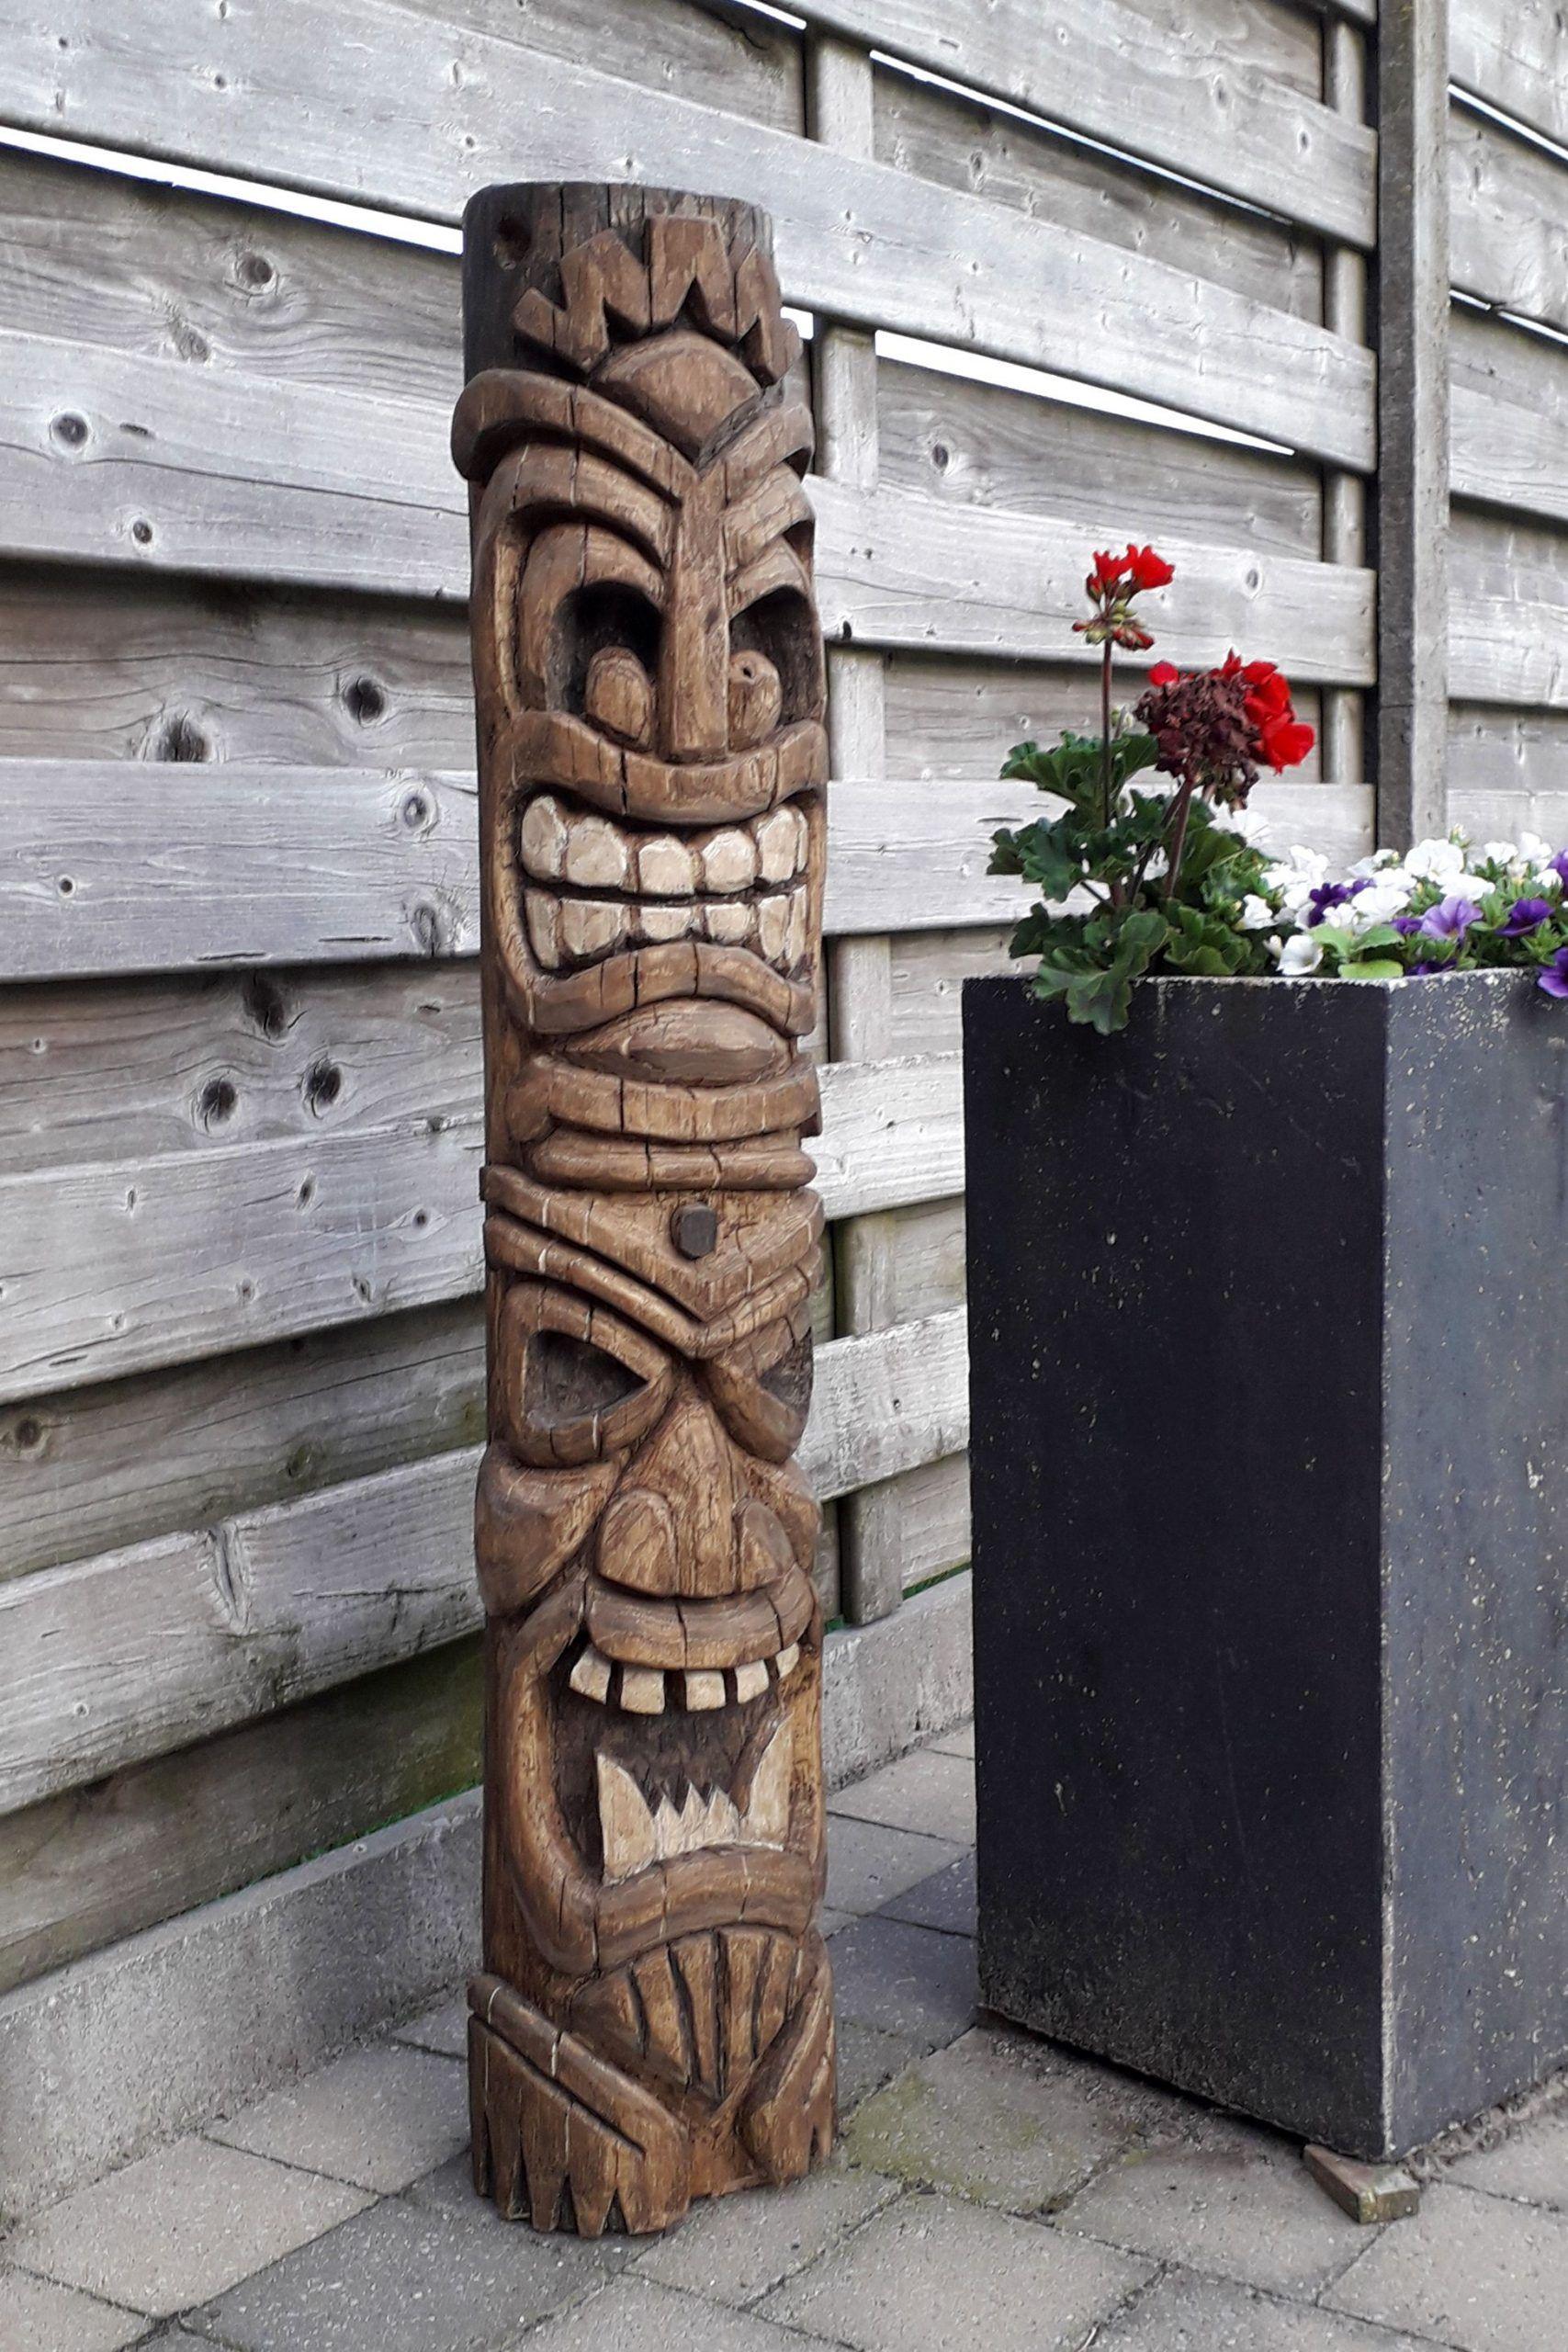 Tiki Totem In